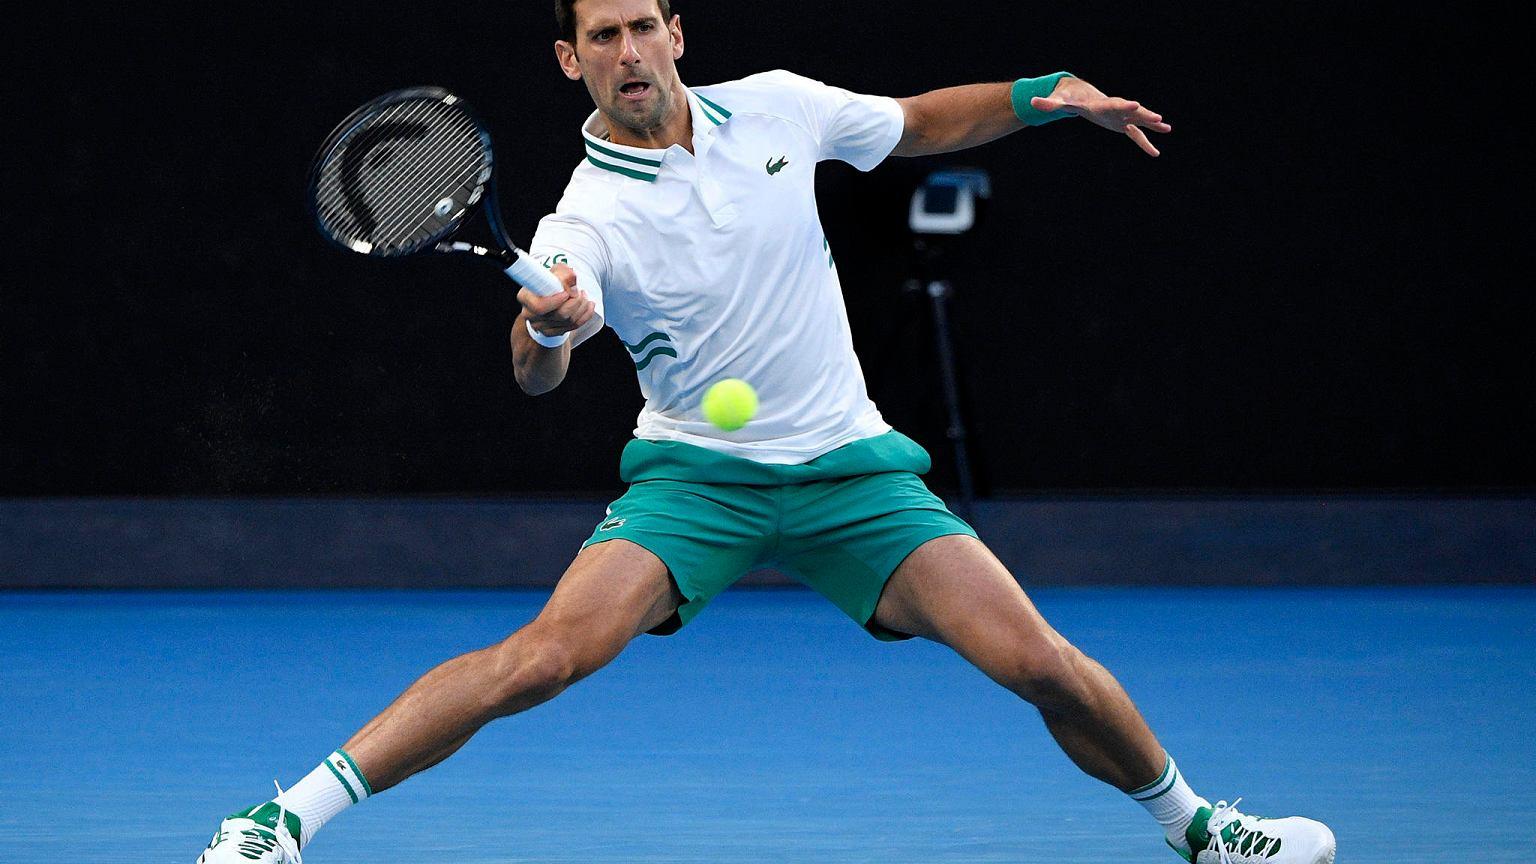 Kolejny tenisista wycofuje się z turnieju tenisa w Miami 2021